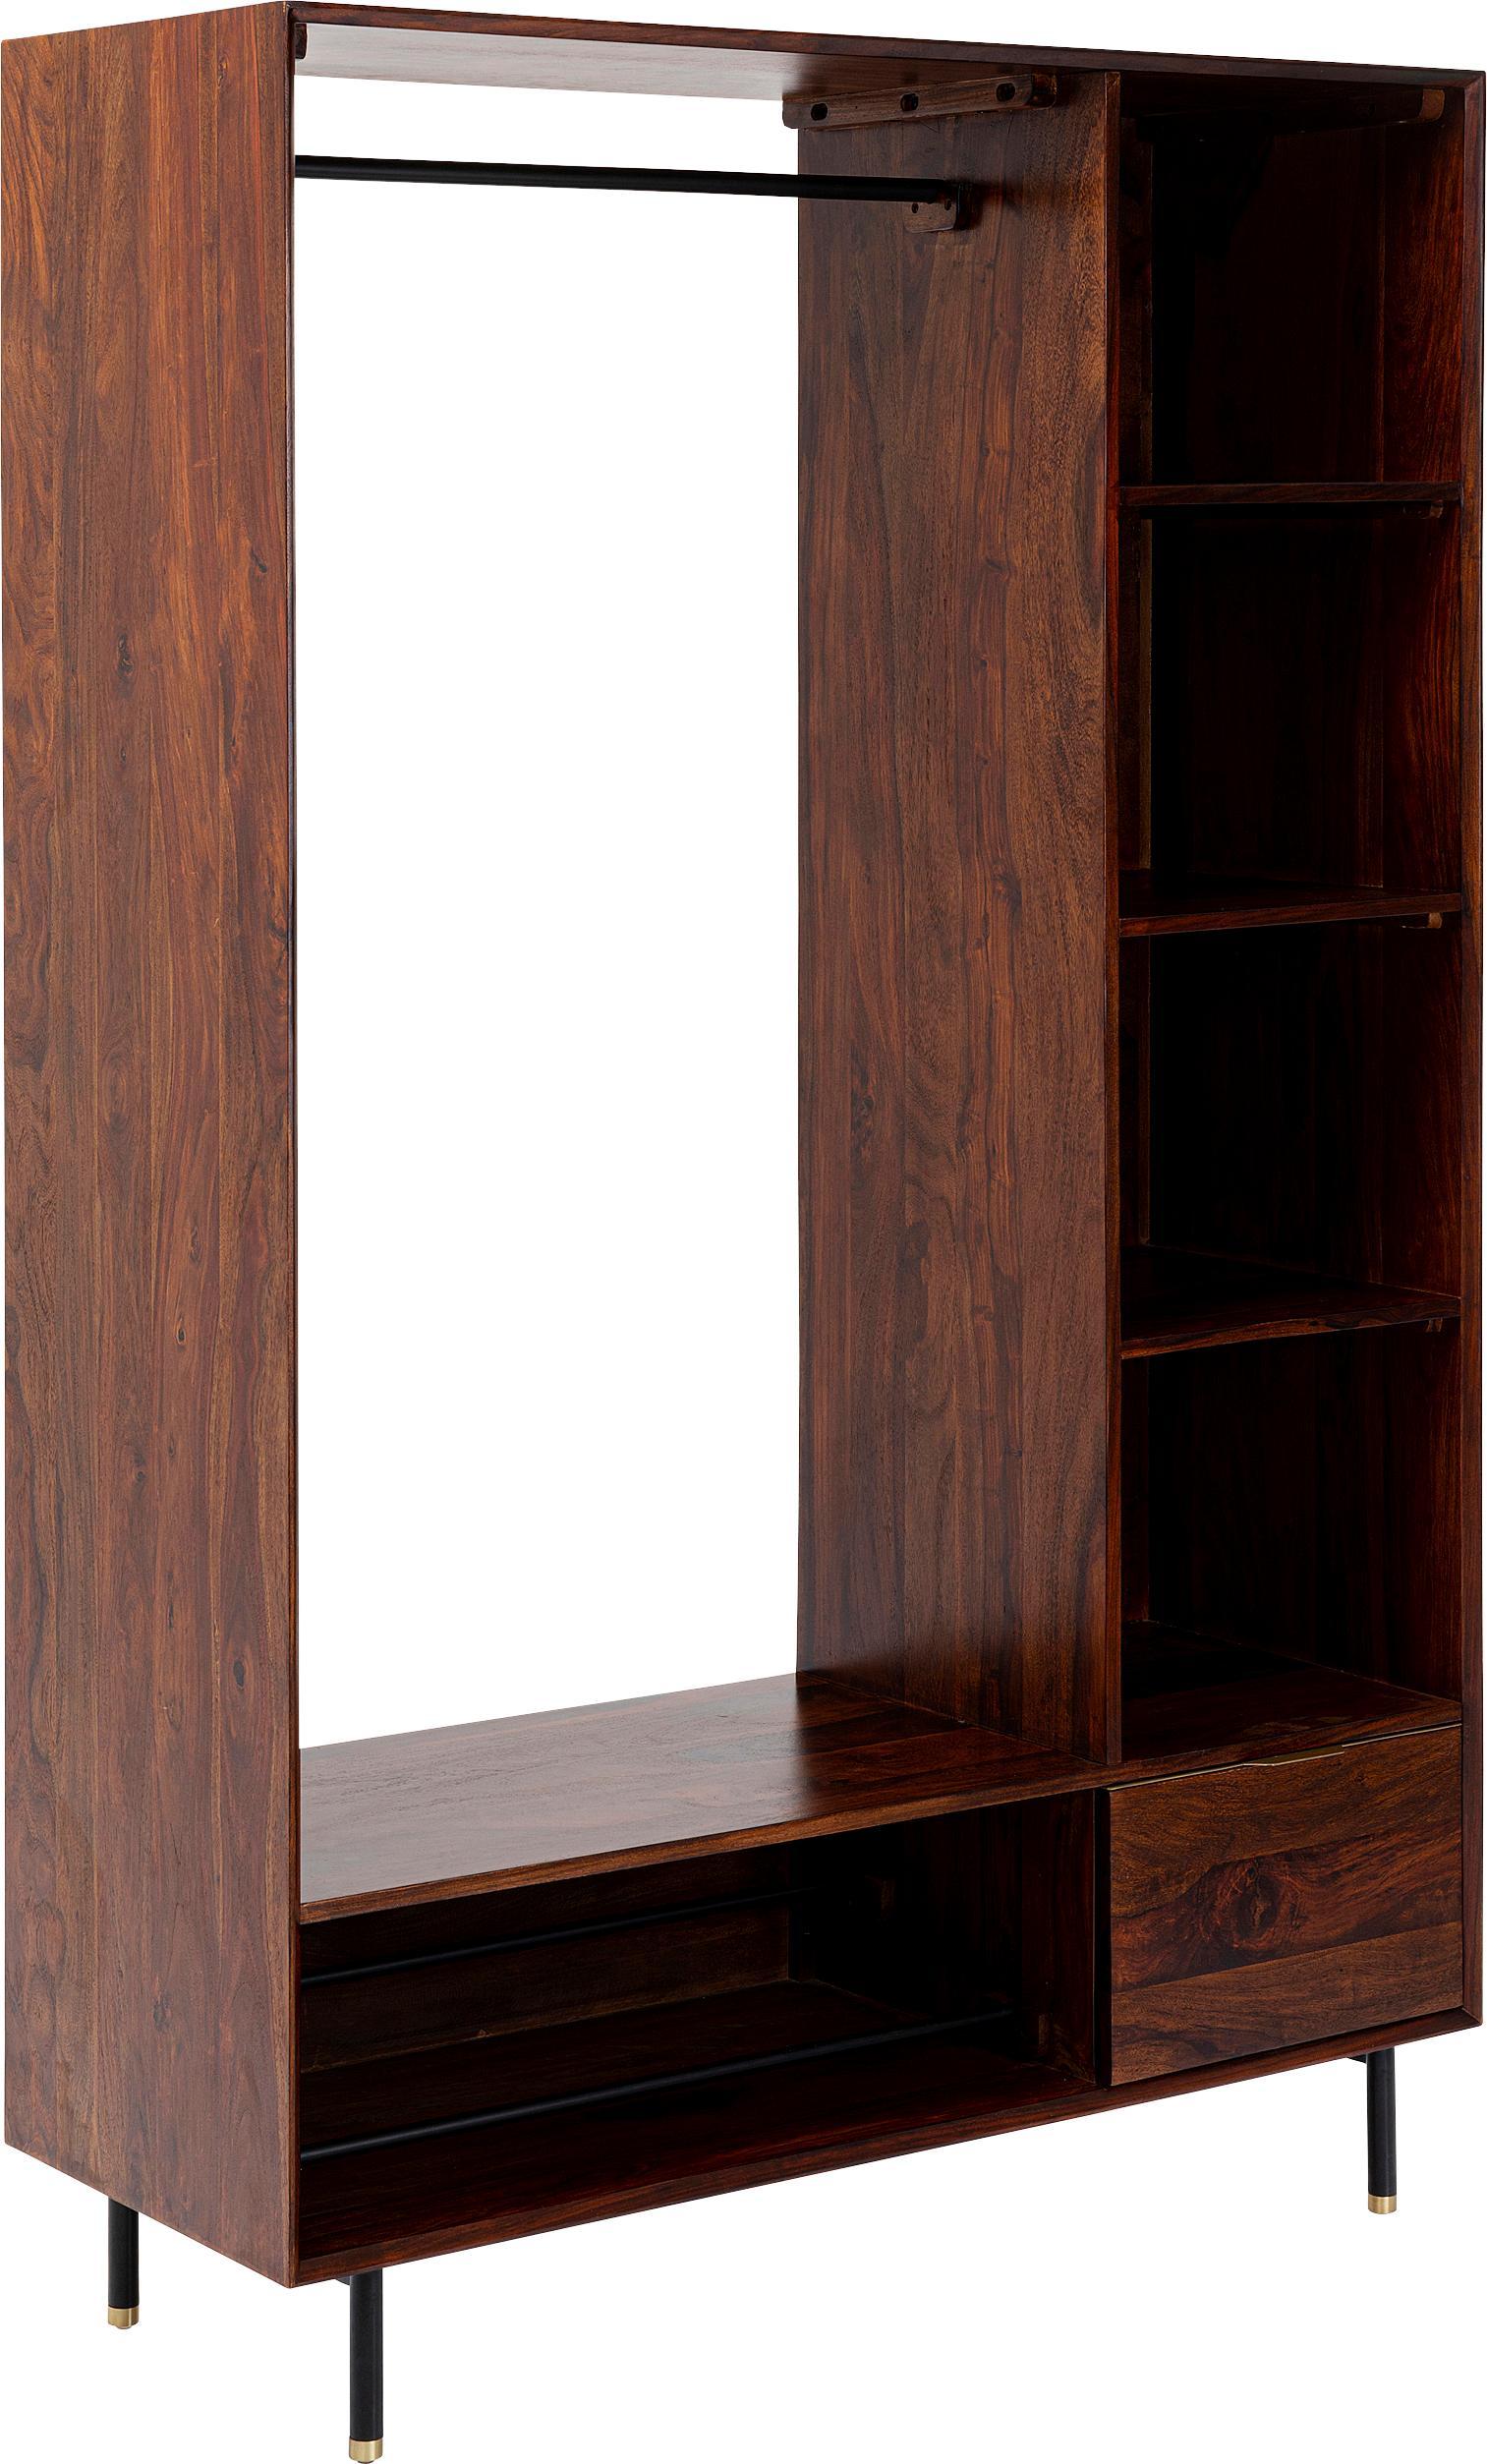 Armadio a giorno in legno massiccio Ravello, Piedini: metallo verniciato, Marrone, Larg. 120 x Alt. 185 cm